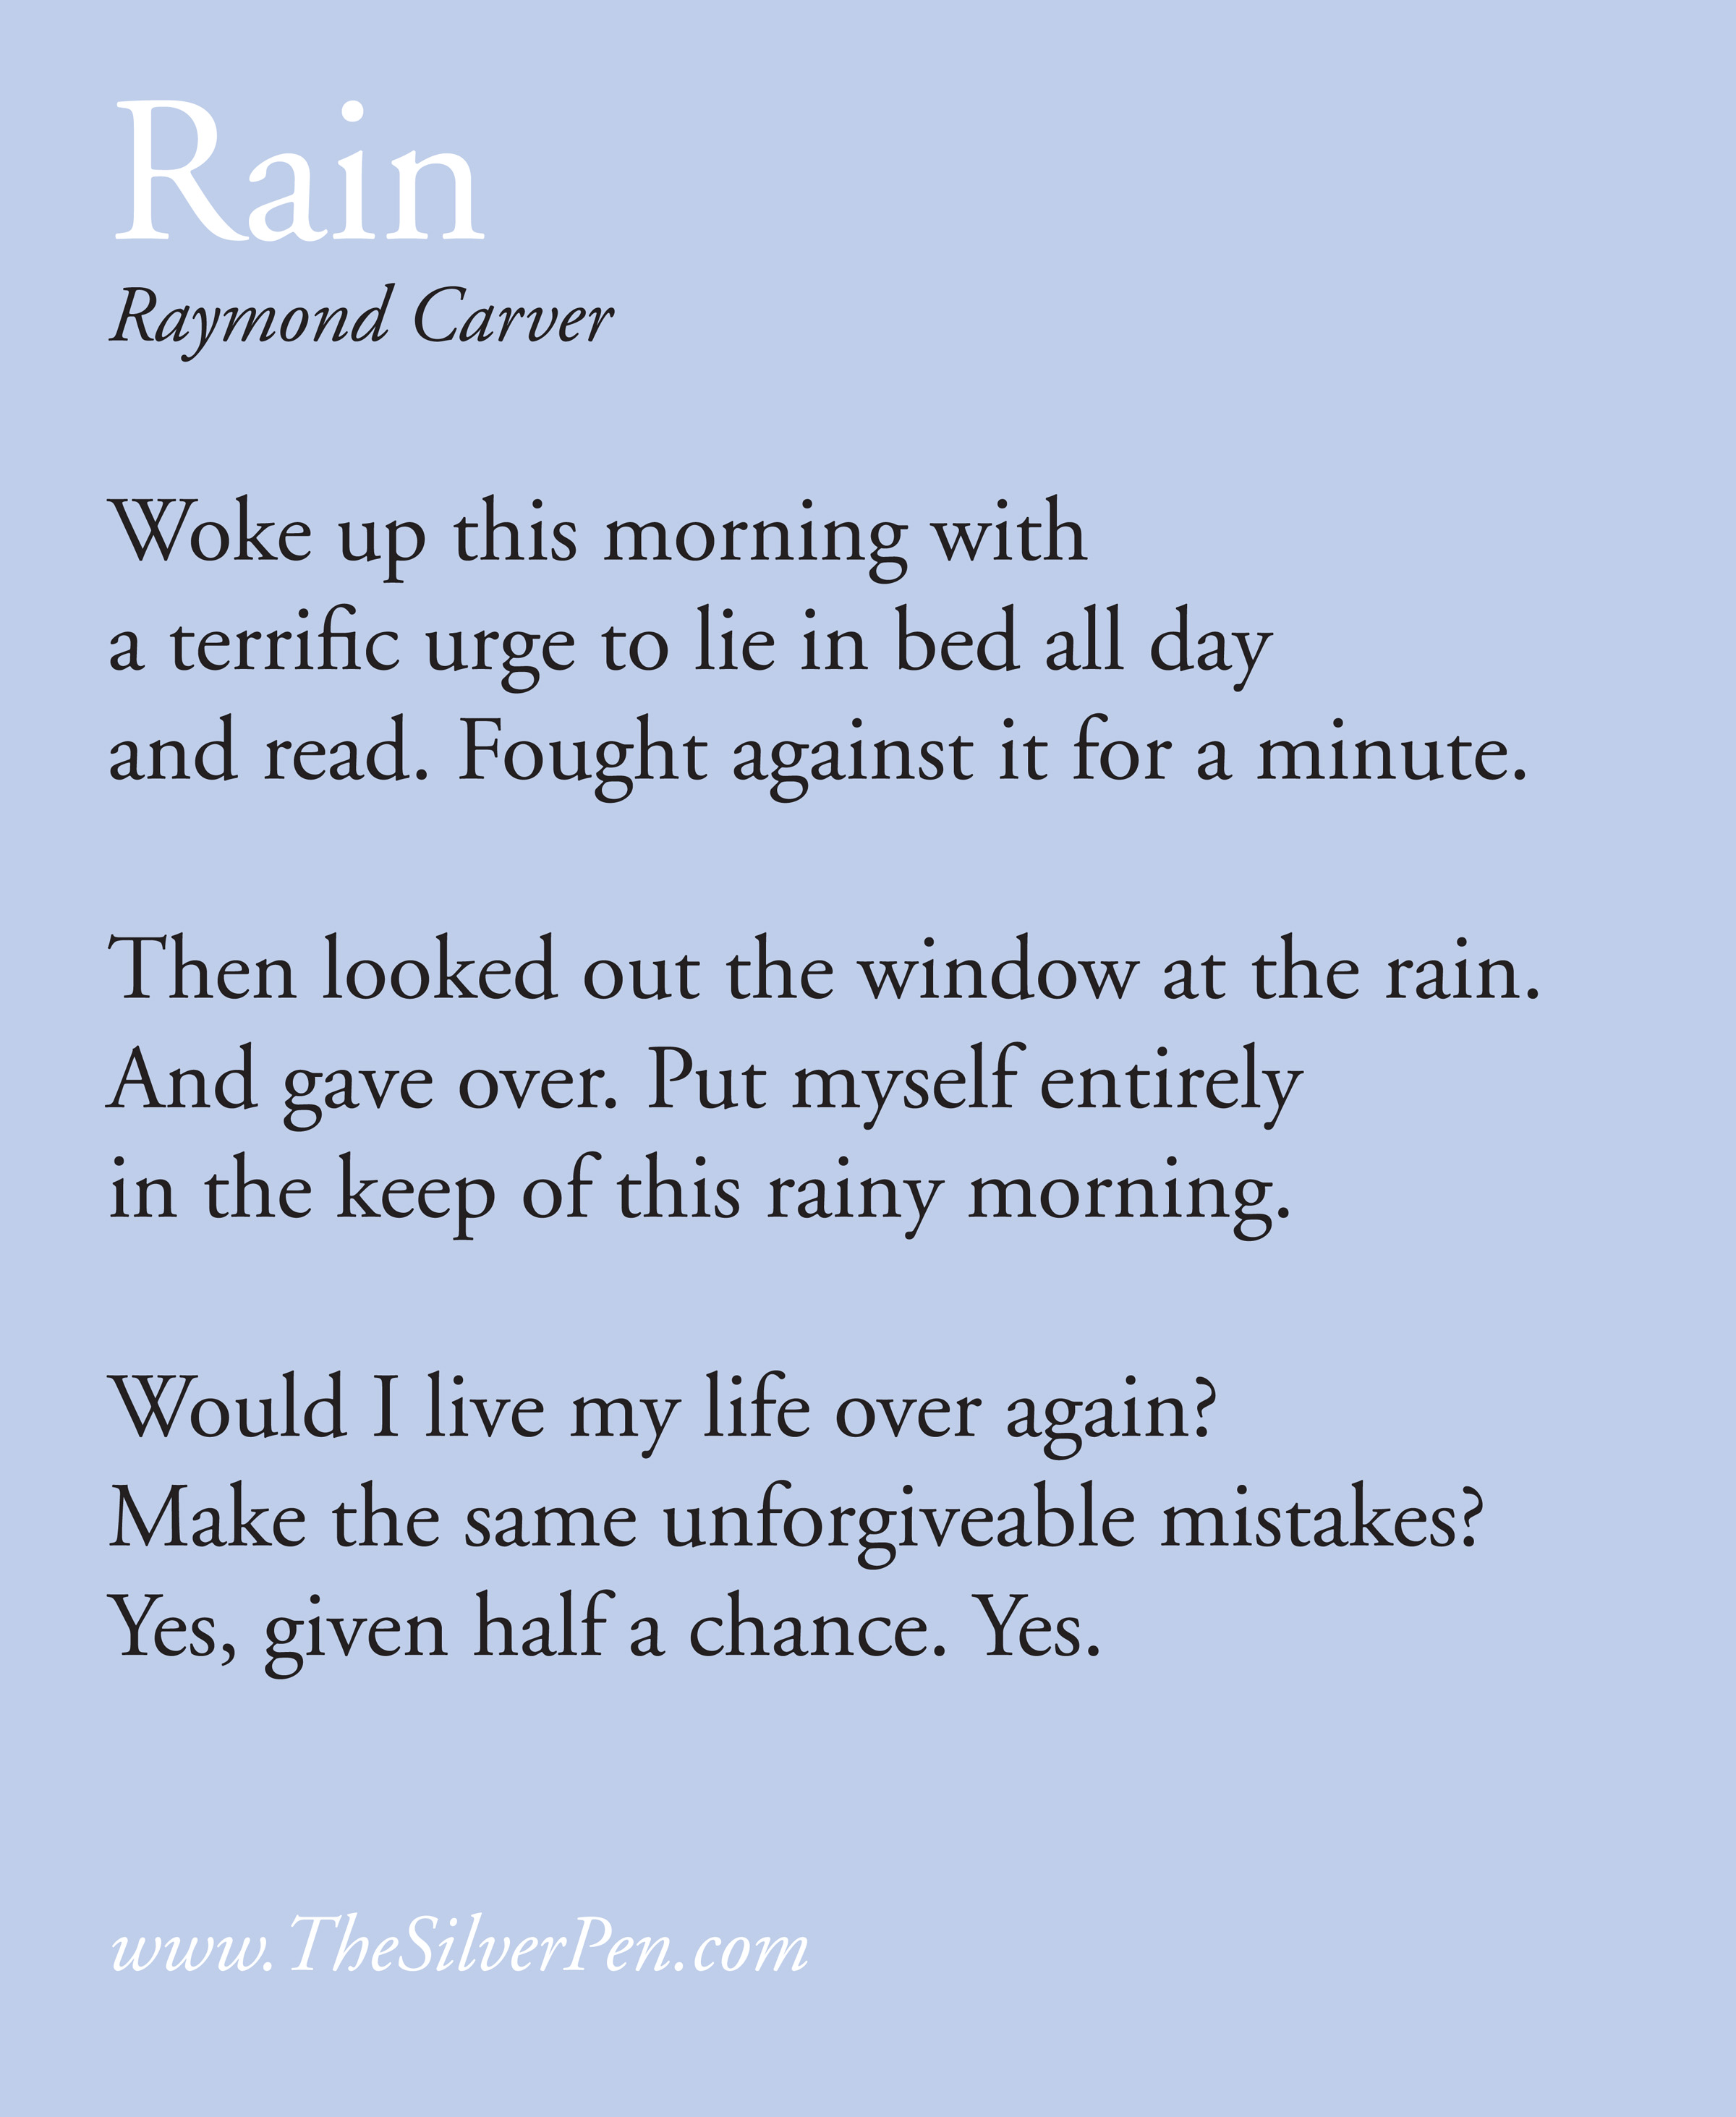 Rainy Day Inspirational Quotes: Rainy Day Inspirational Quotes. QuotesGram